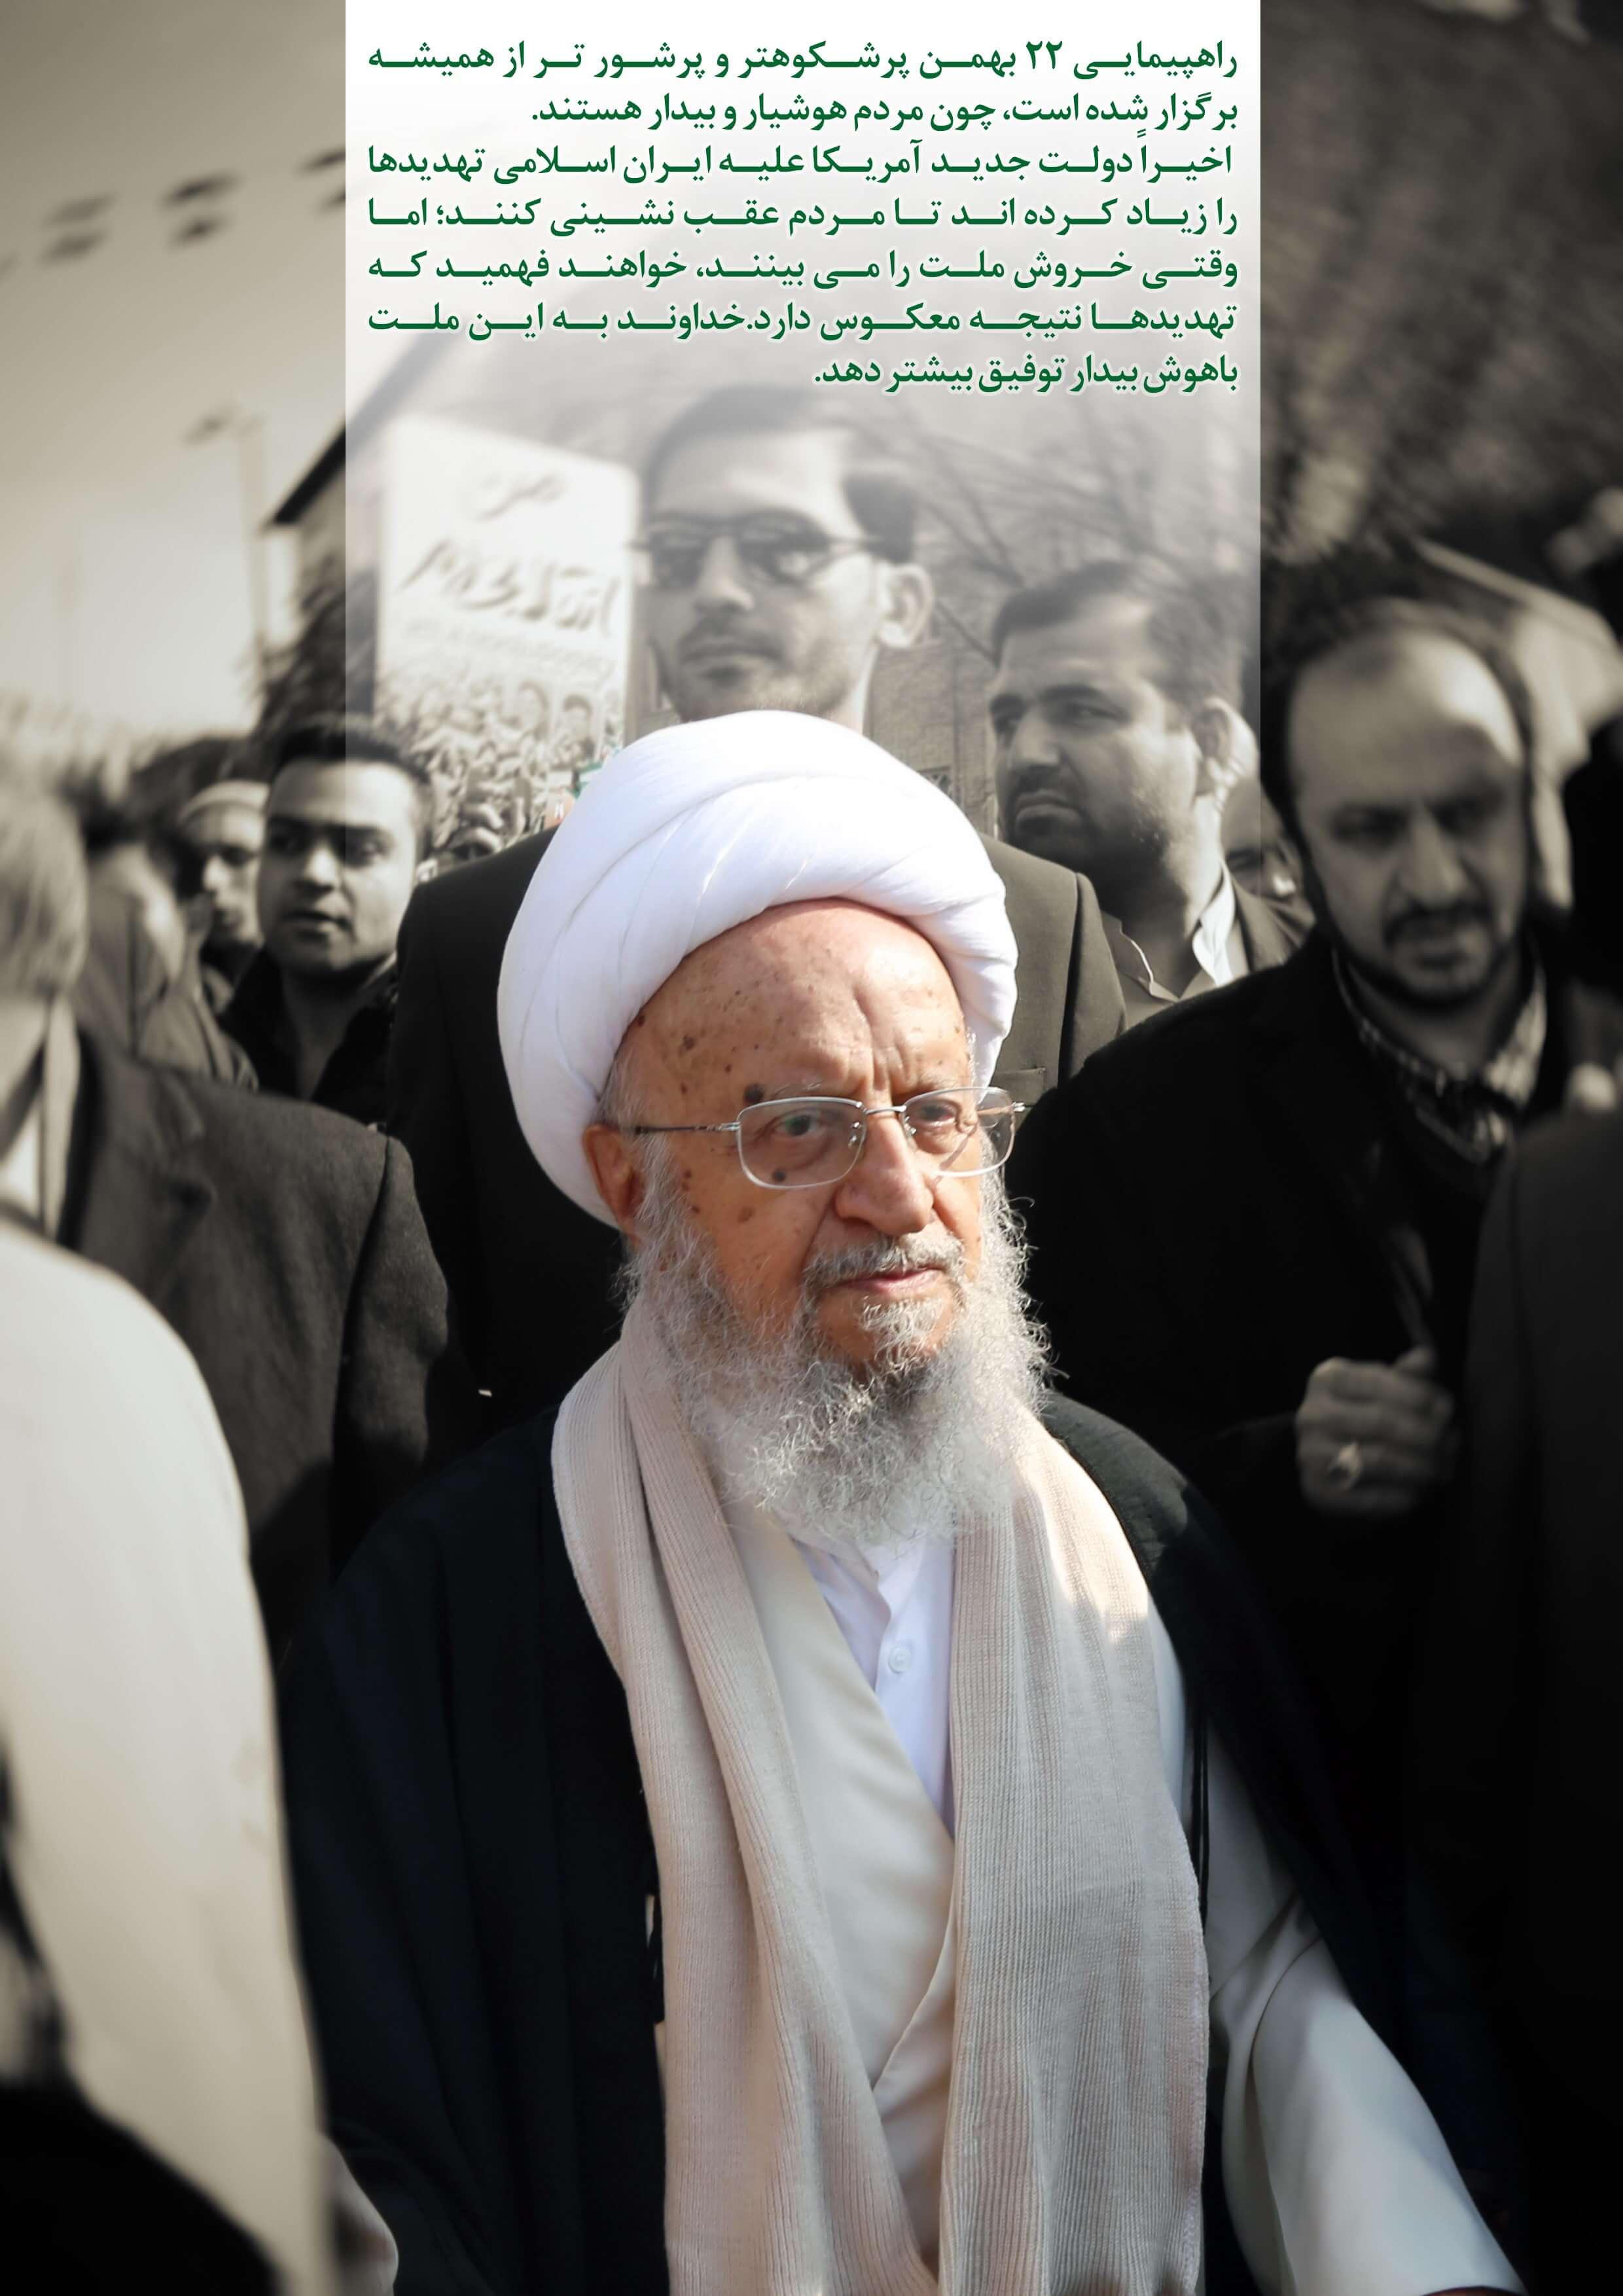 بیانات آیت الله العظمی مکارم شیرازی در راهپیمایی 22 بهمن 1395-مدرسه الامام امیر المومنین (ع)